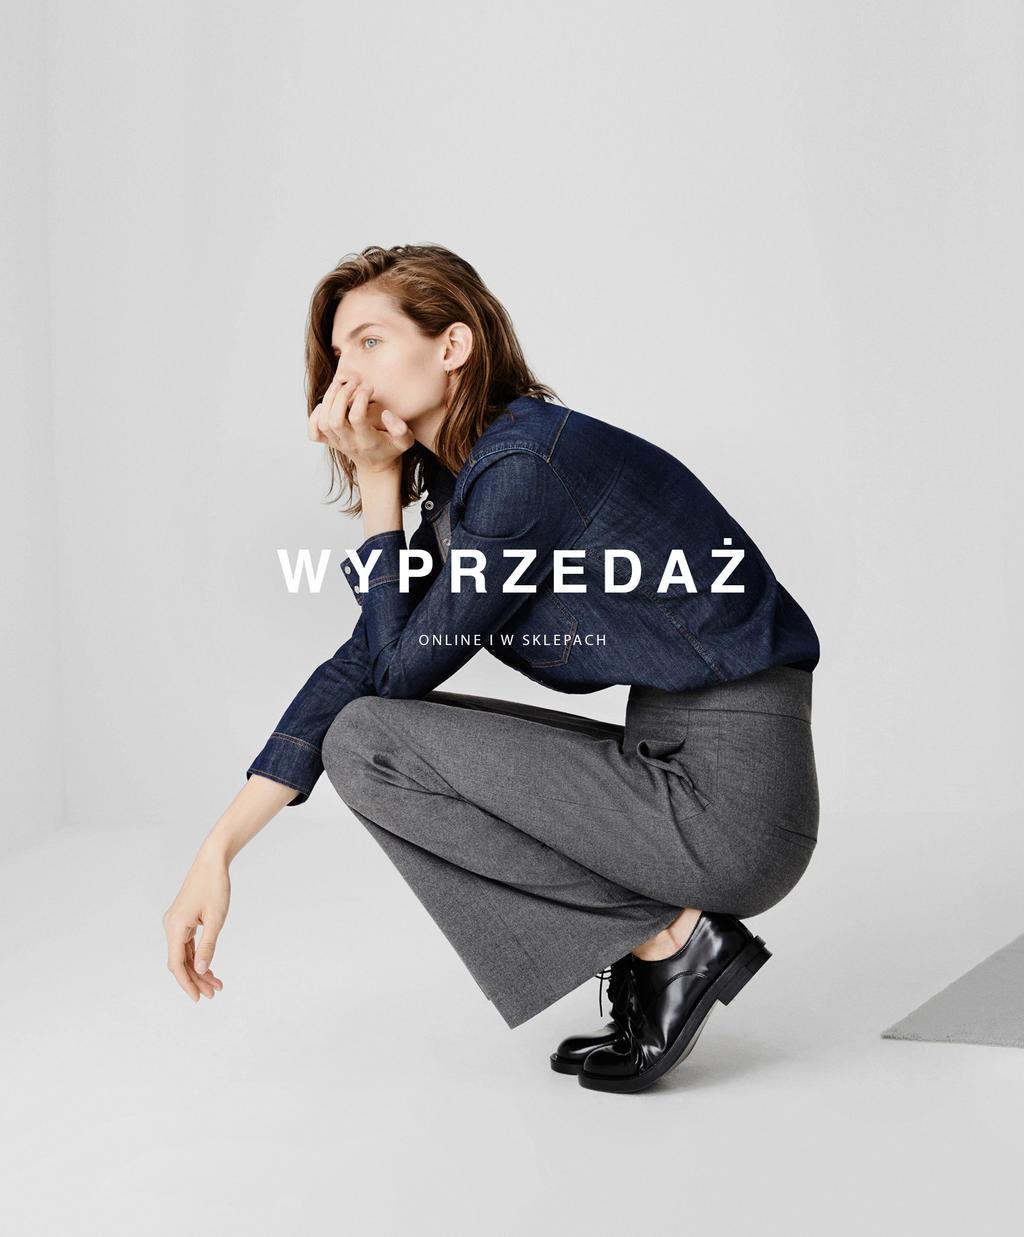 Wyprzedaż do -70% @ Zara